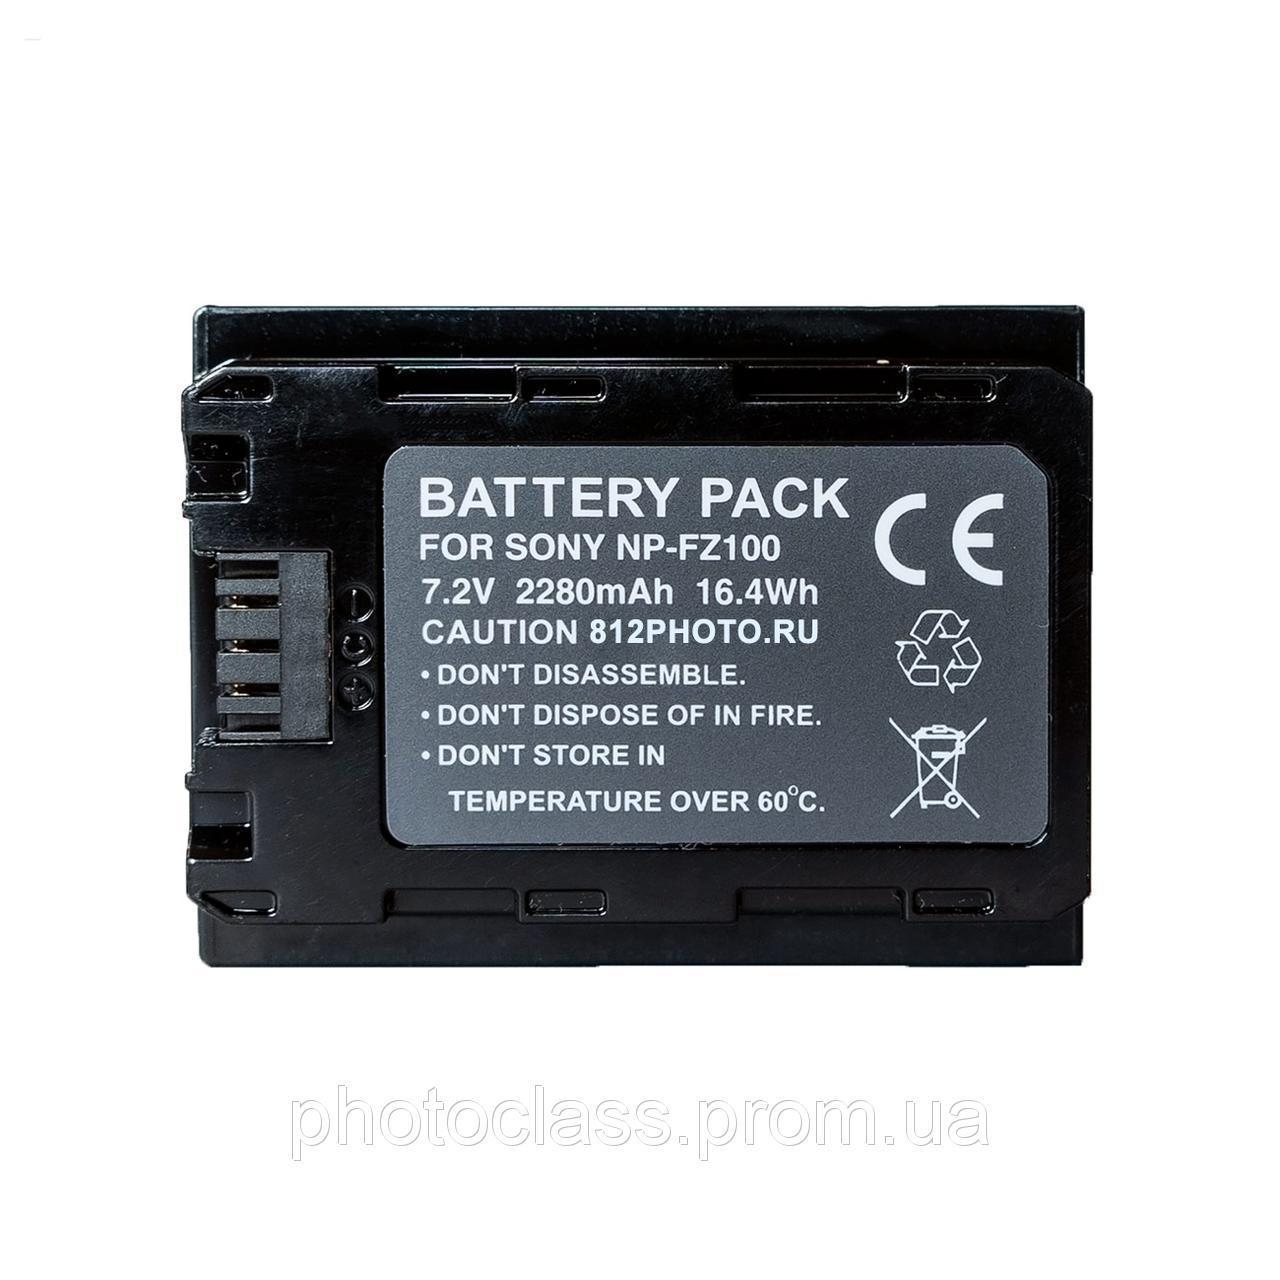 Літій-іонний акумулятор Sony NP-FZ100 (аналог)